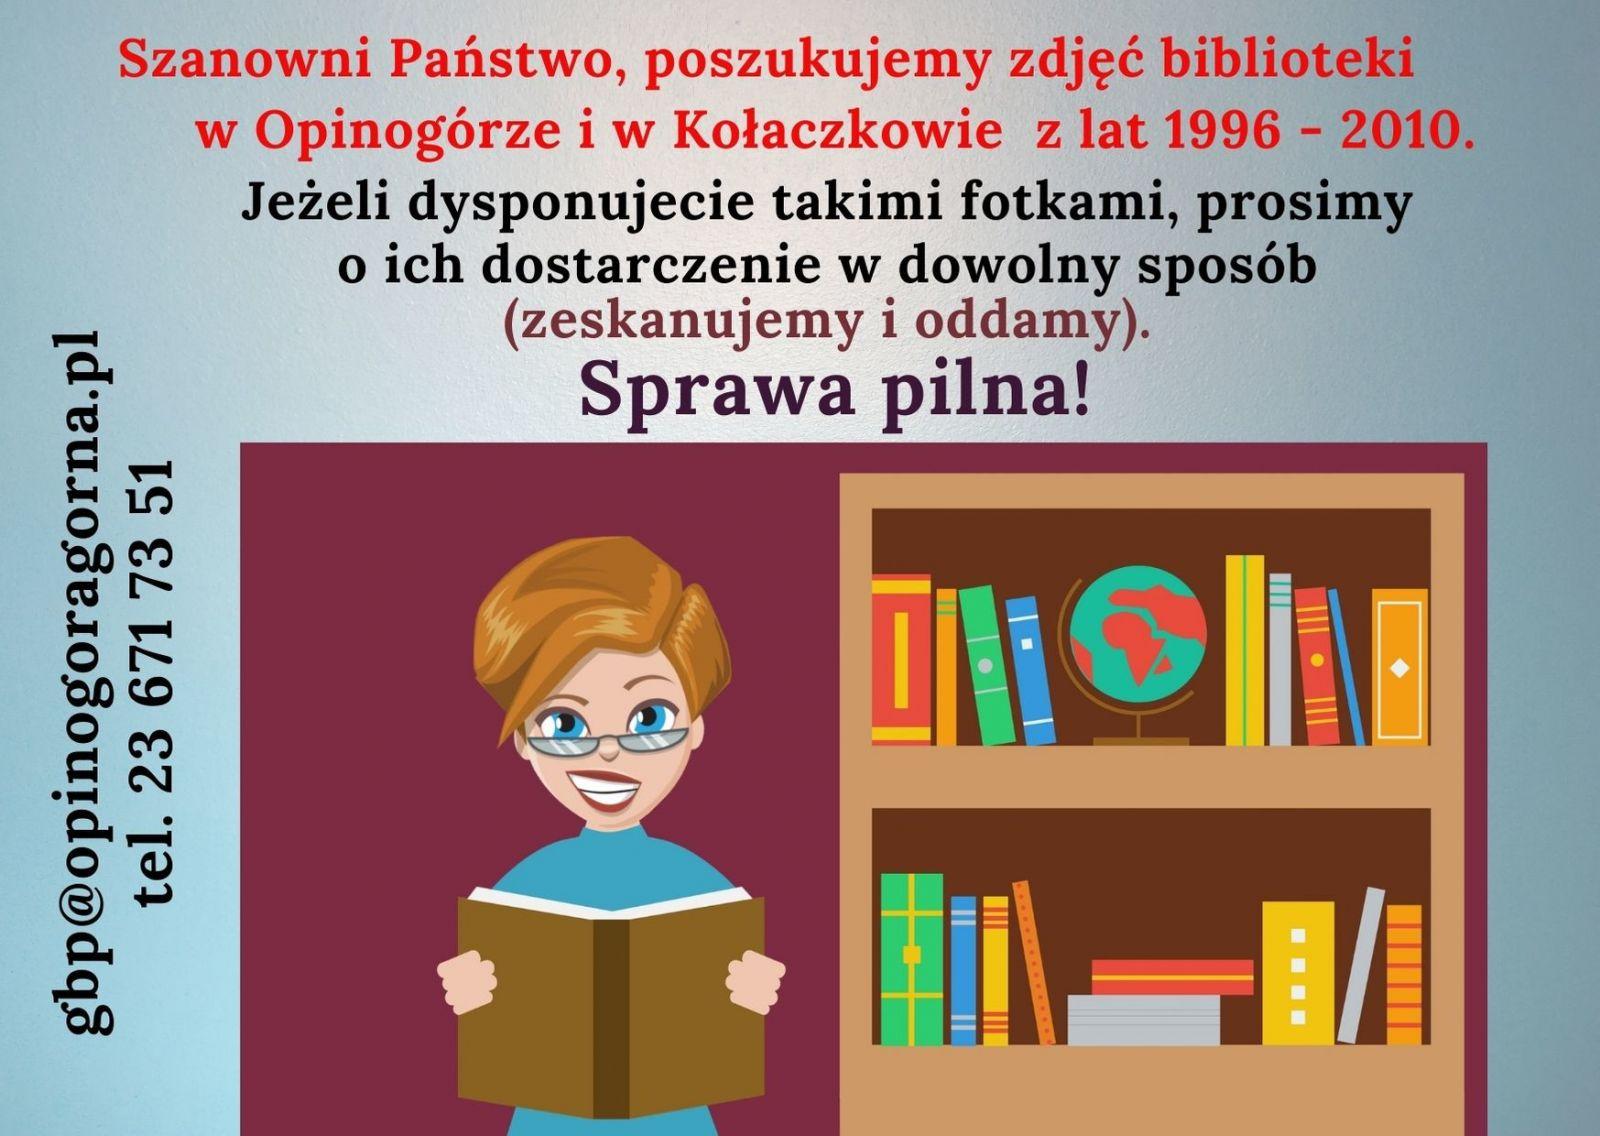 Zdjęcie plakatu informującego o tym, że biblioteka poszukuje zdjęć placówek w Opinogórze i Kołaczkowie z lat 1996 - 2010.